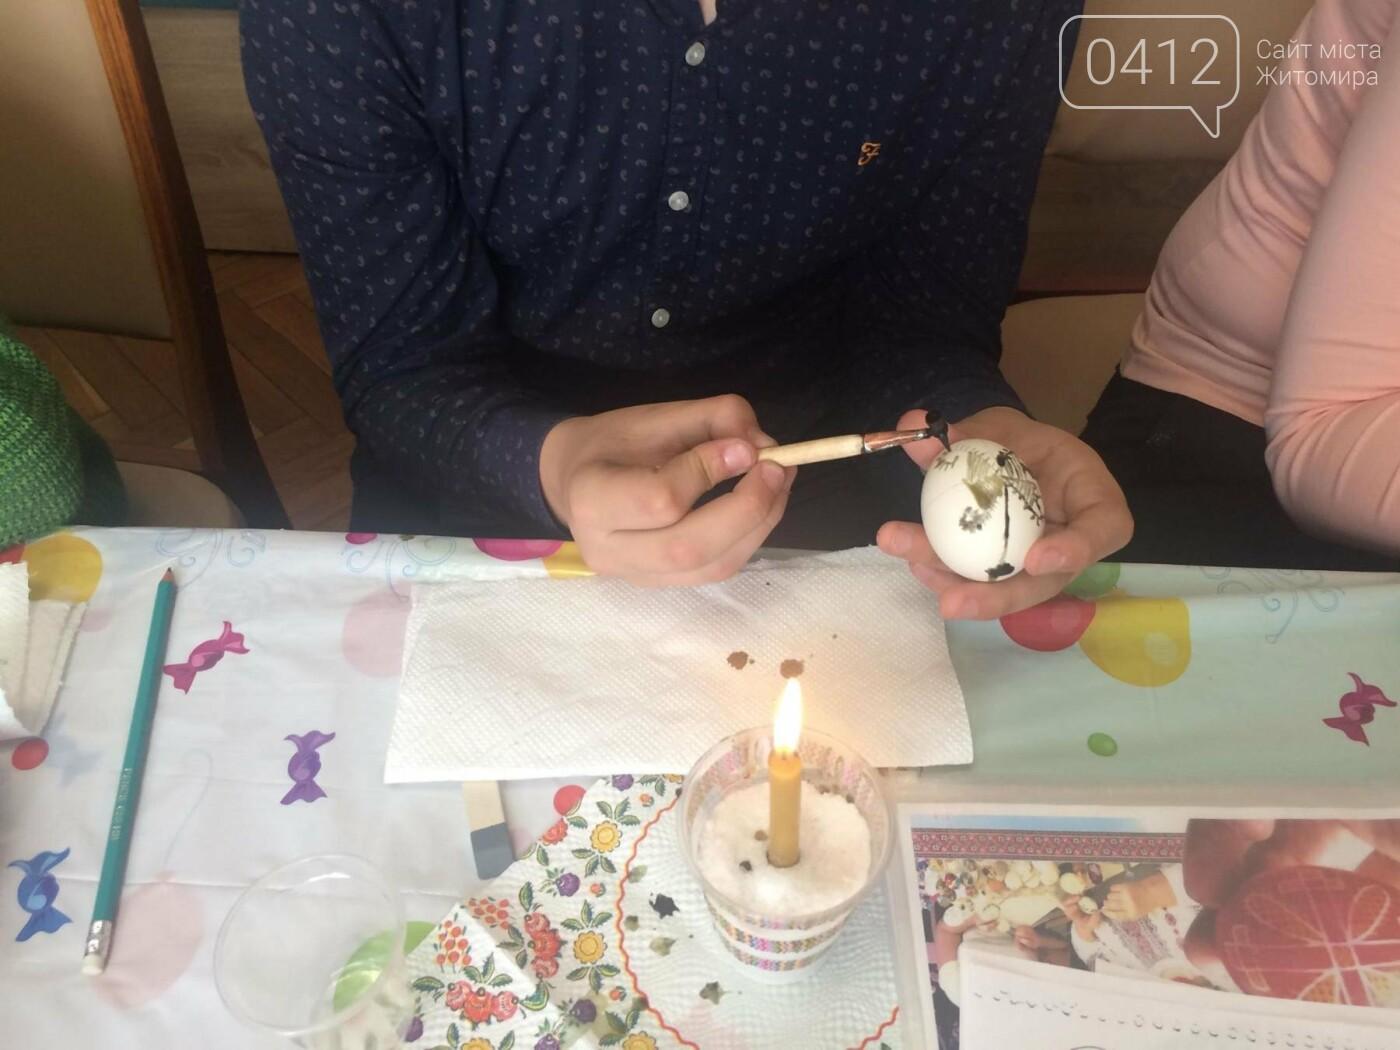 У Житомирі провели майстер-клас з писанкарства для дітей учасників АТО, фото-1